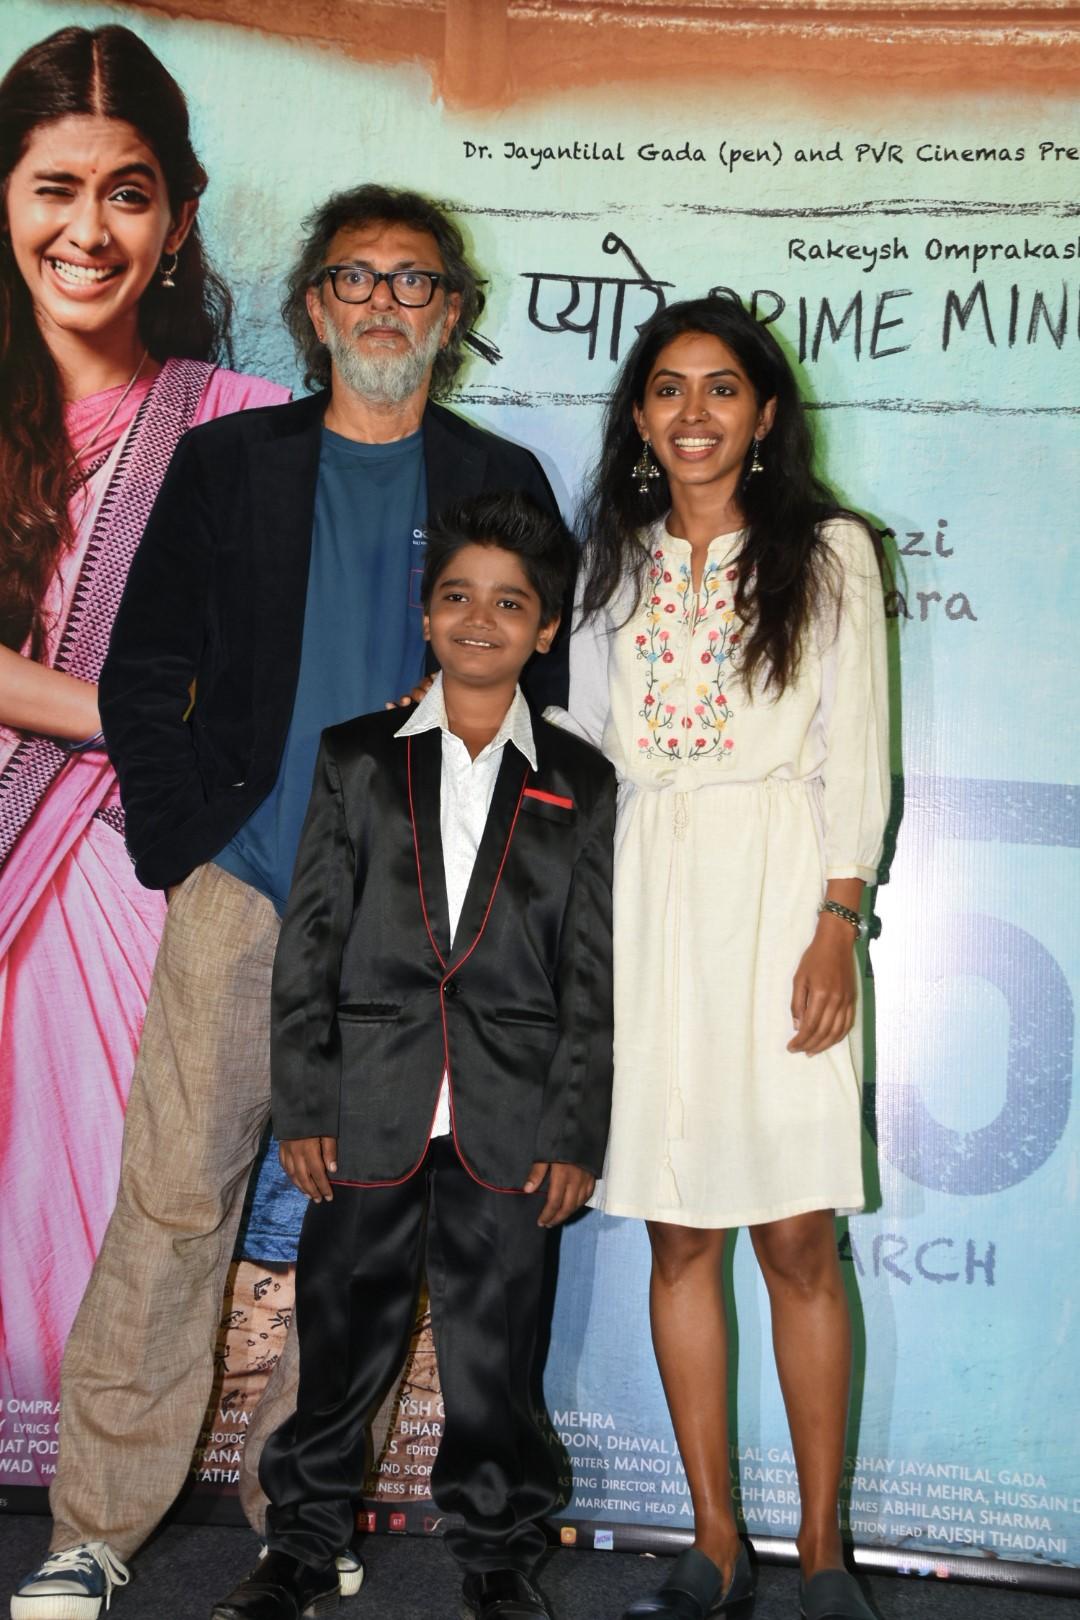 अभिनेत्री अंजलि पाटिल और नितेश वाधवा फिल्म में प्रेमी की भूमिका निभा रहे है और छोटे कान्हू का किरदार फ़िल्म में ओम कनौजिया द्वारा निभाया गया है.